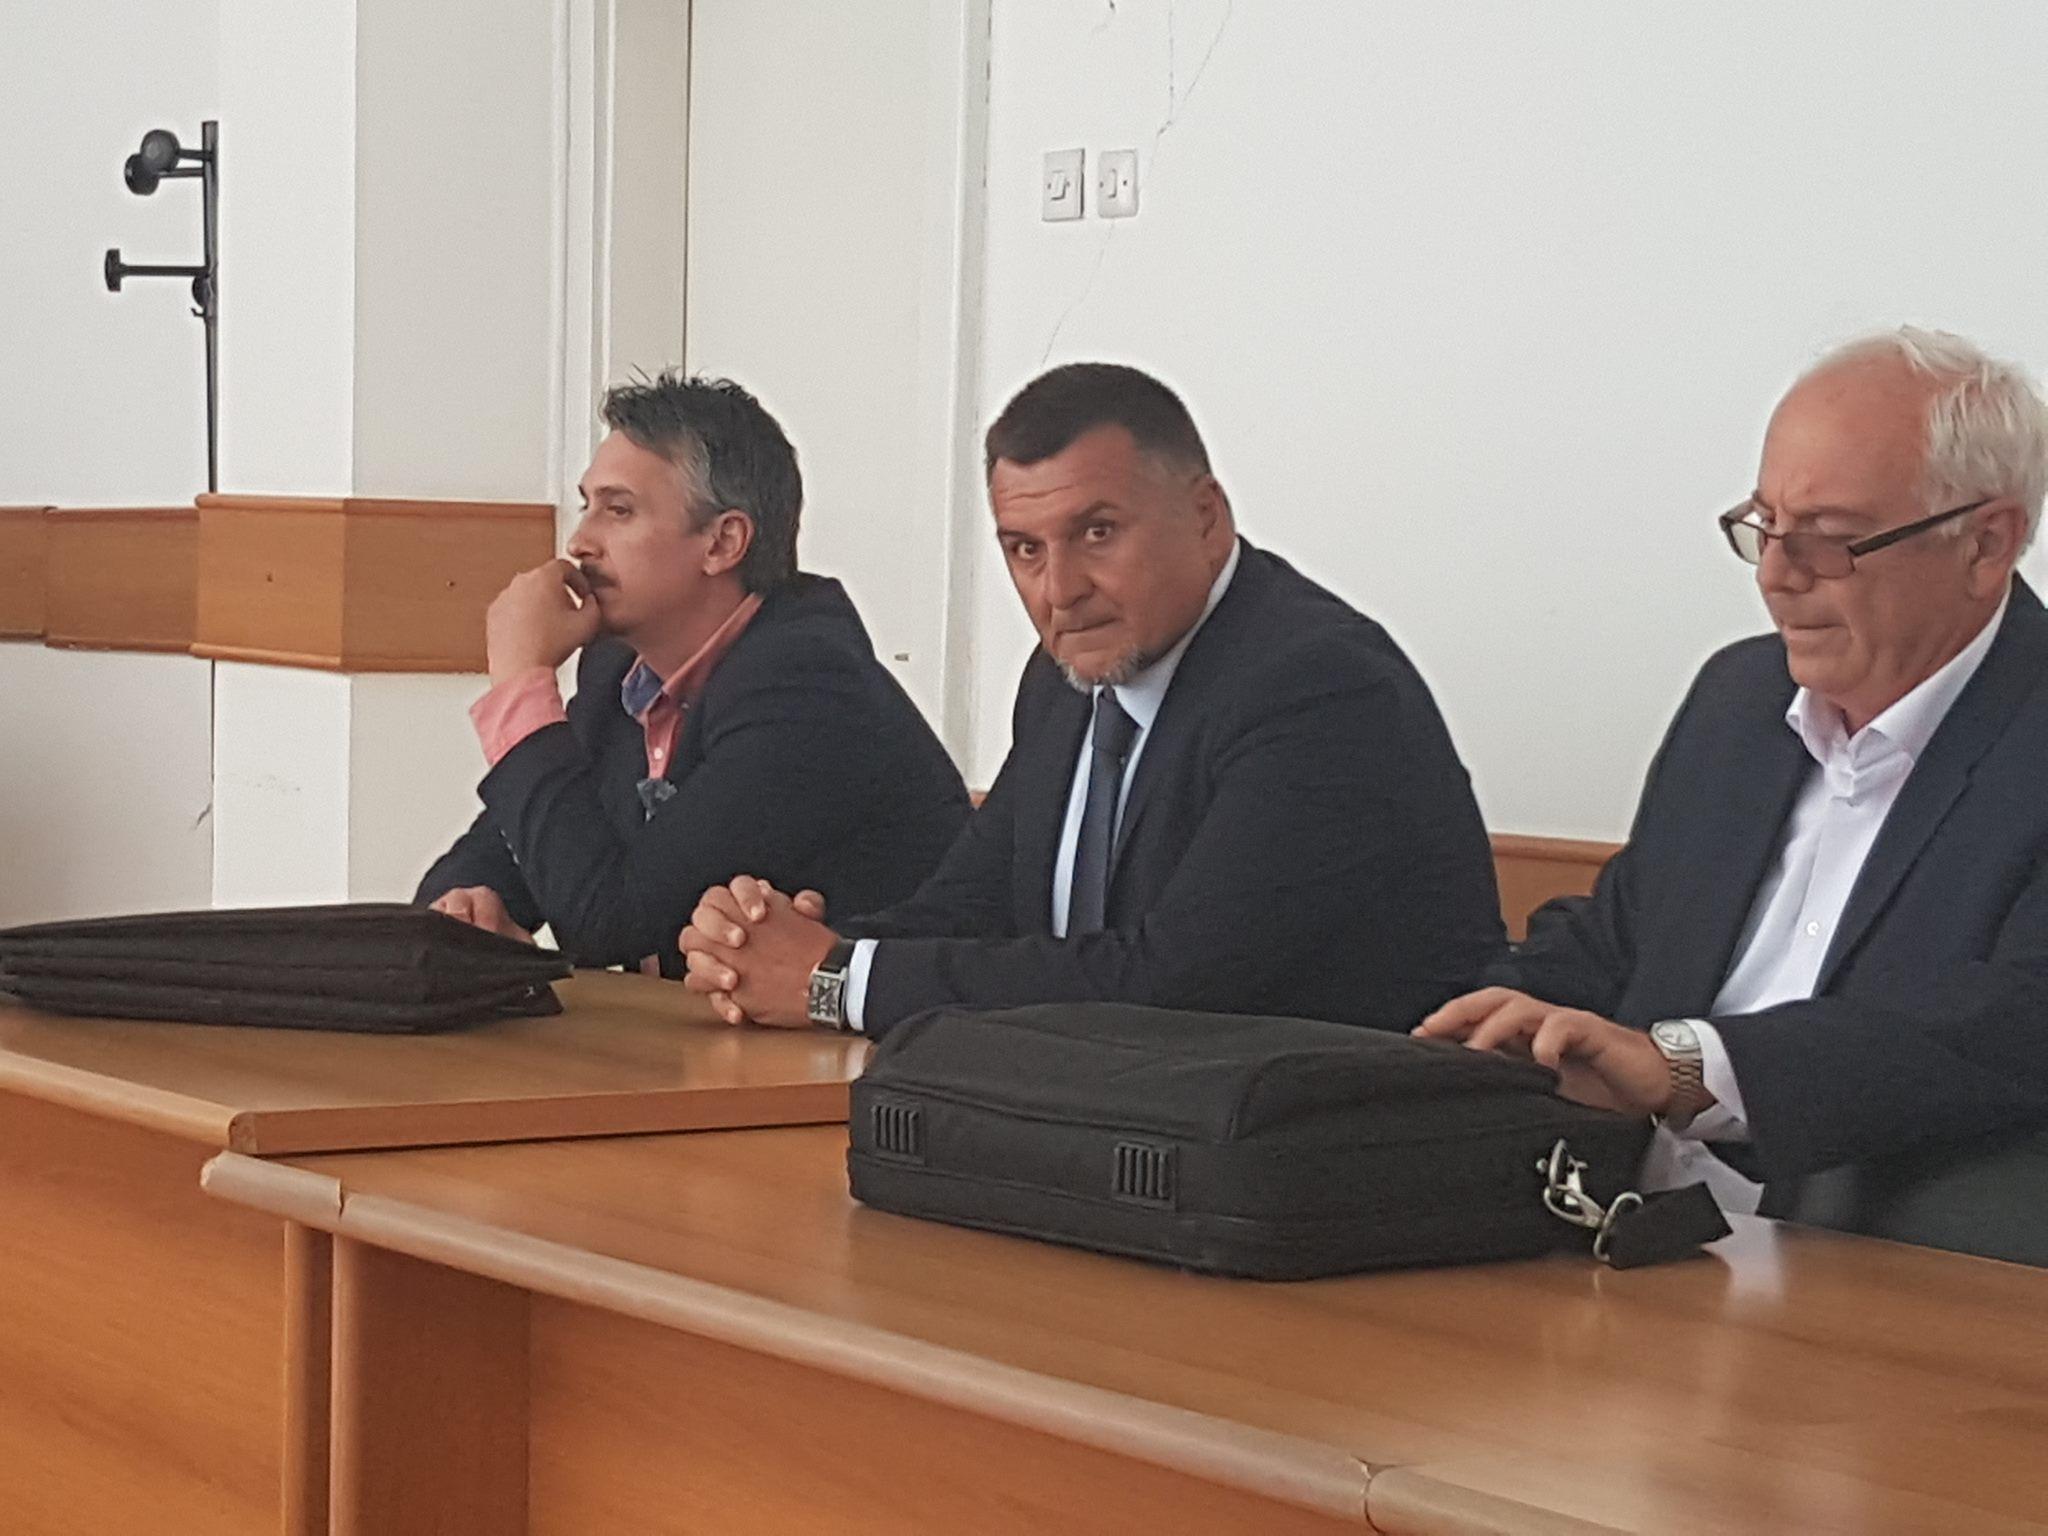 СЈО го обвинува за сериозен криминал  Јакимовски се плаши да не загуби работа